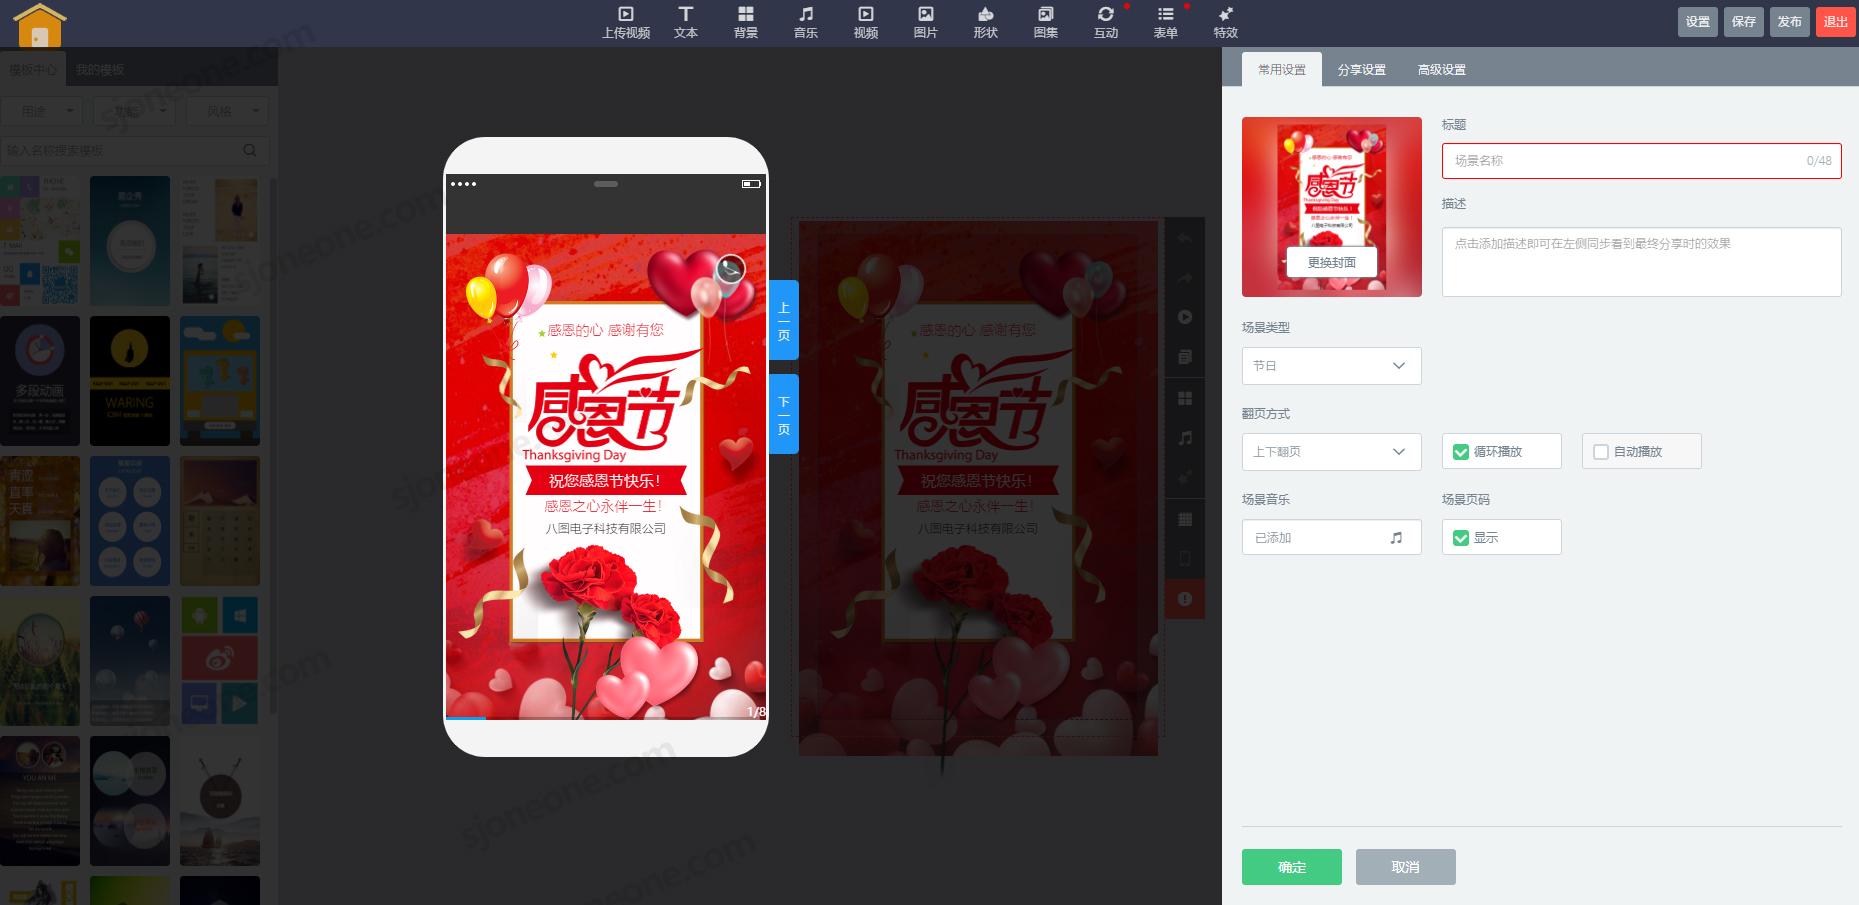 专业H5动态页面模板在线编辑器源码整套网站包括前端和后台 手机制作H5场景